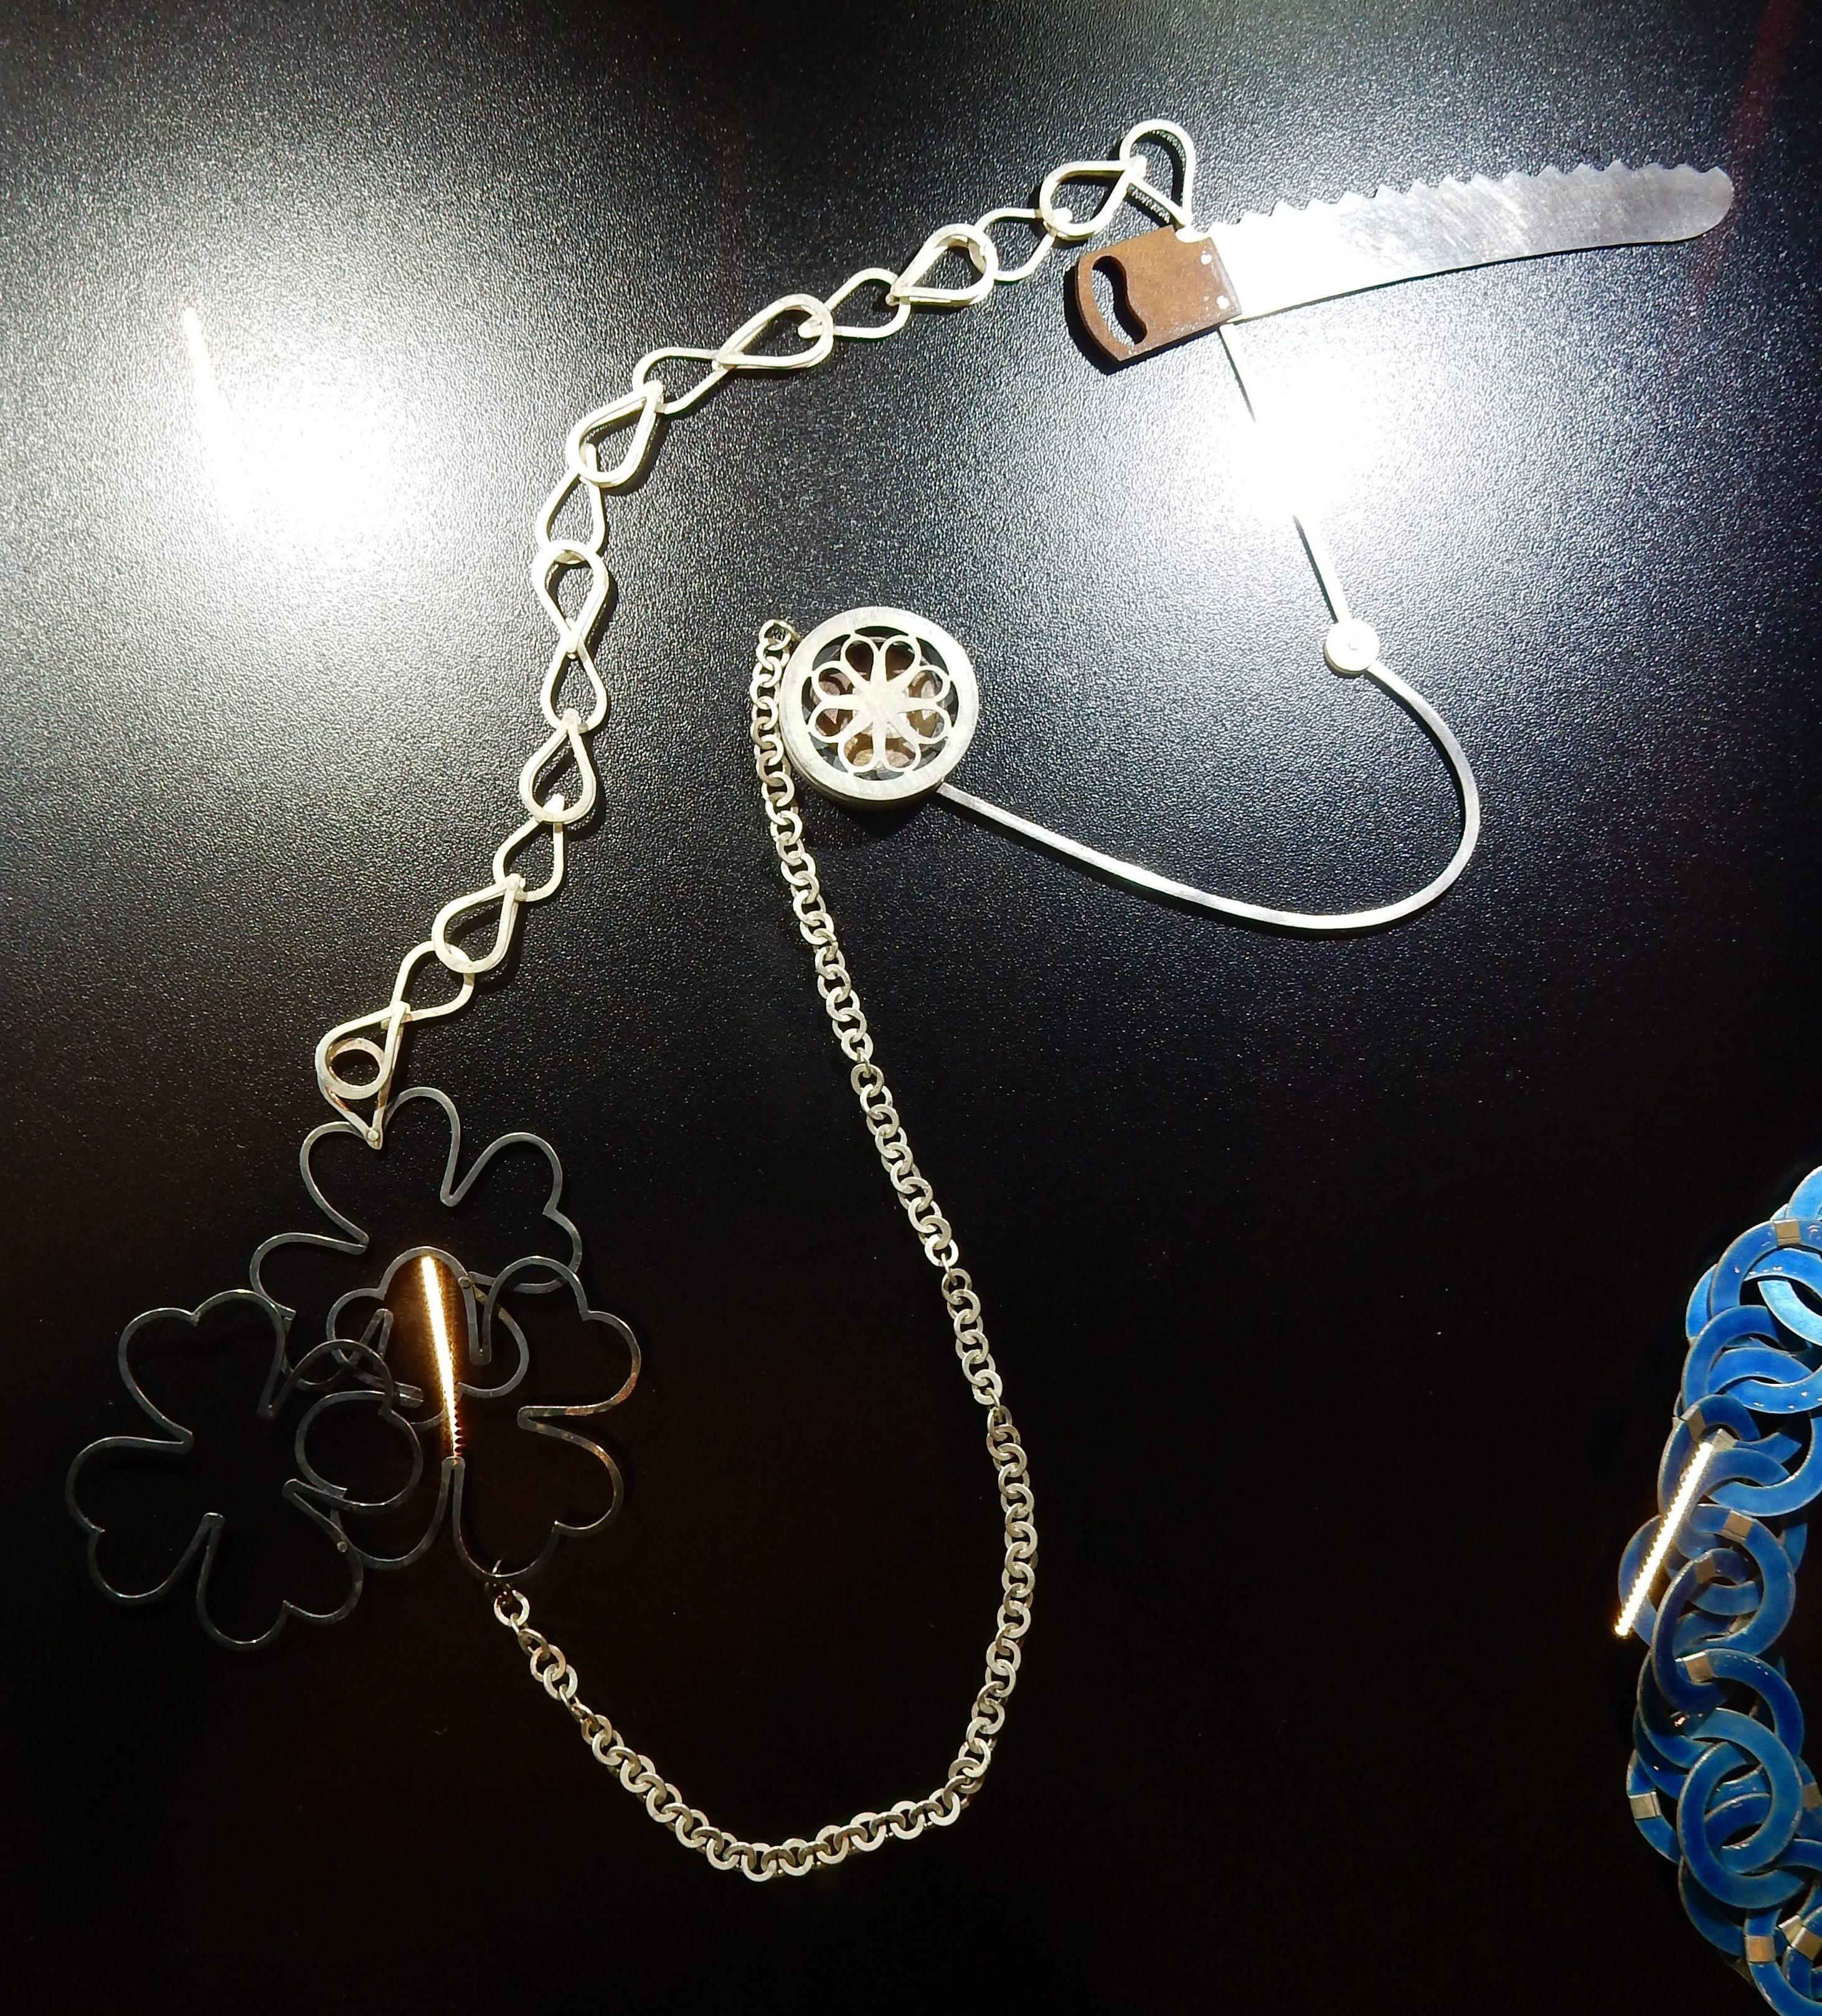 Lucy Sarneel, halssieraad, 1993. Collectie Claartje Keur. Schakels, Composities, SAF 2018, metaal